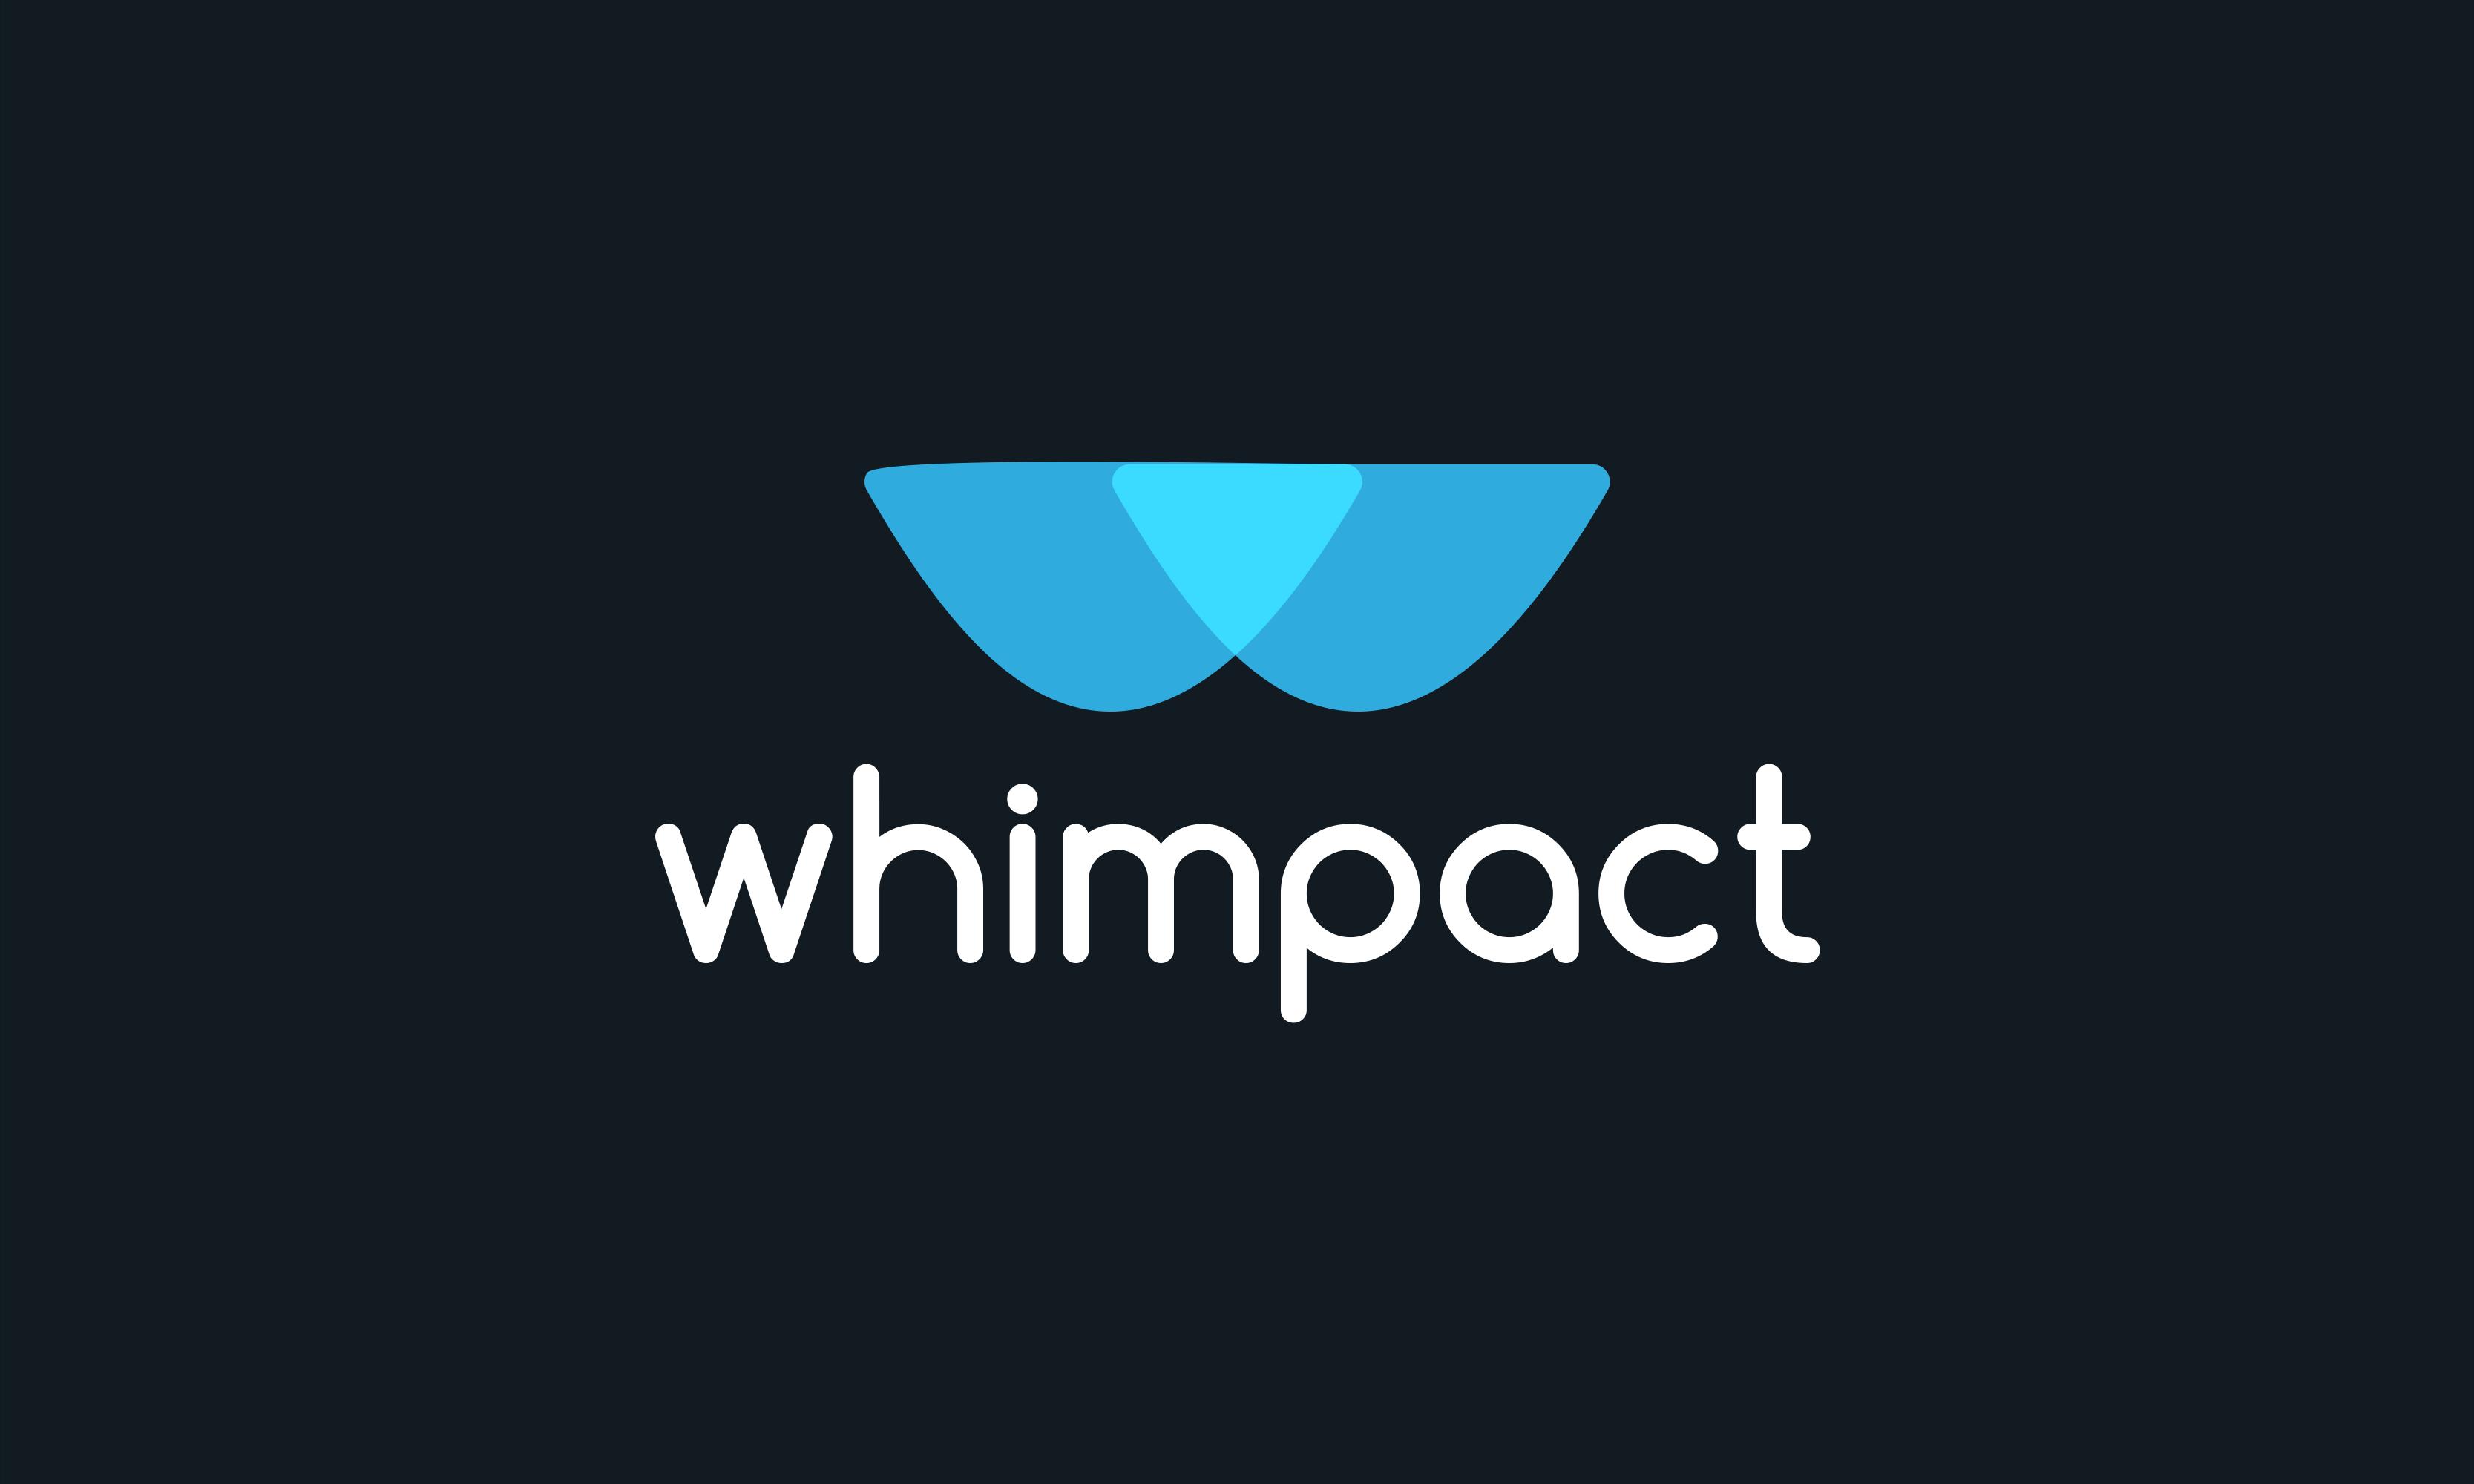 Whimpact